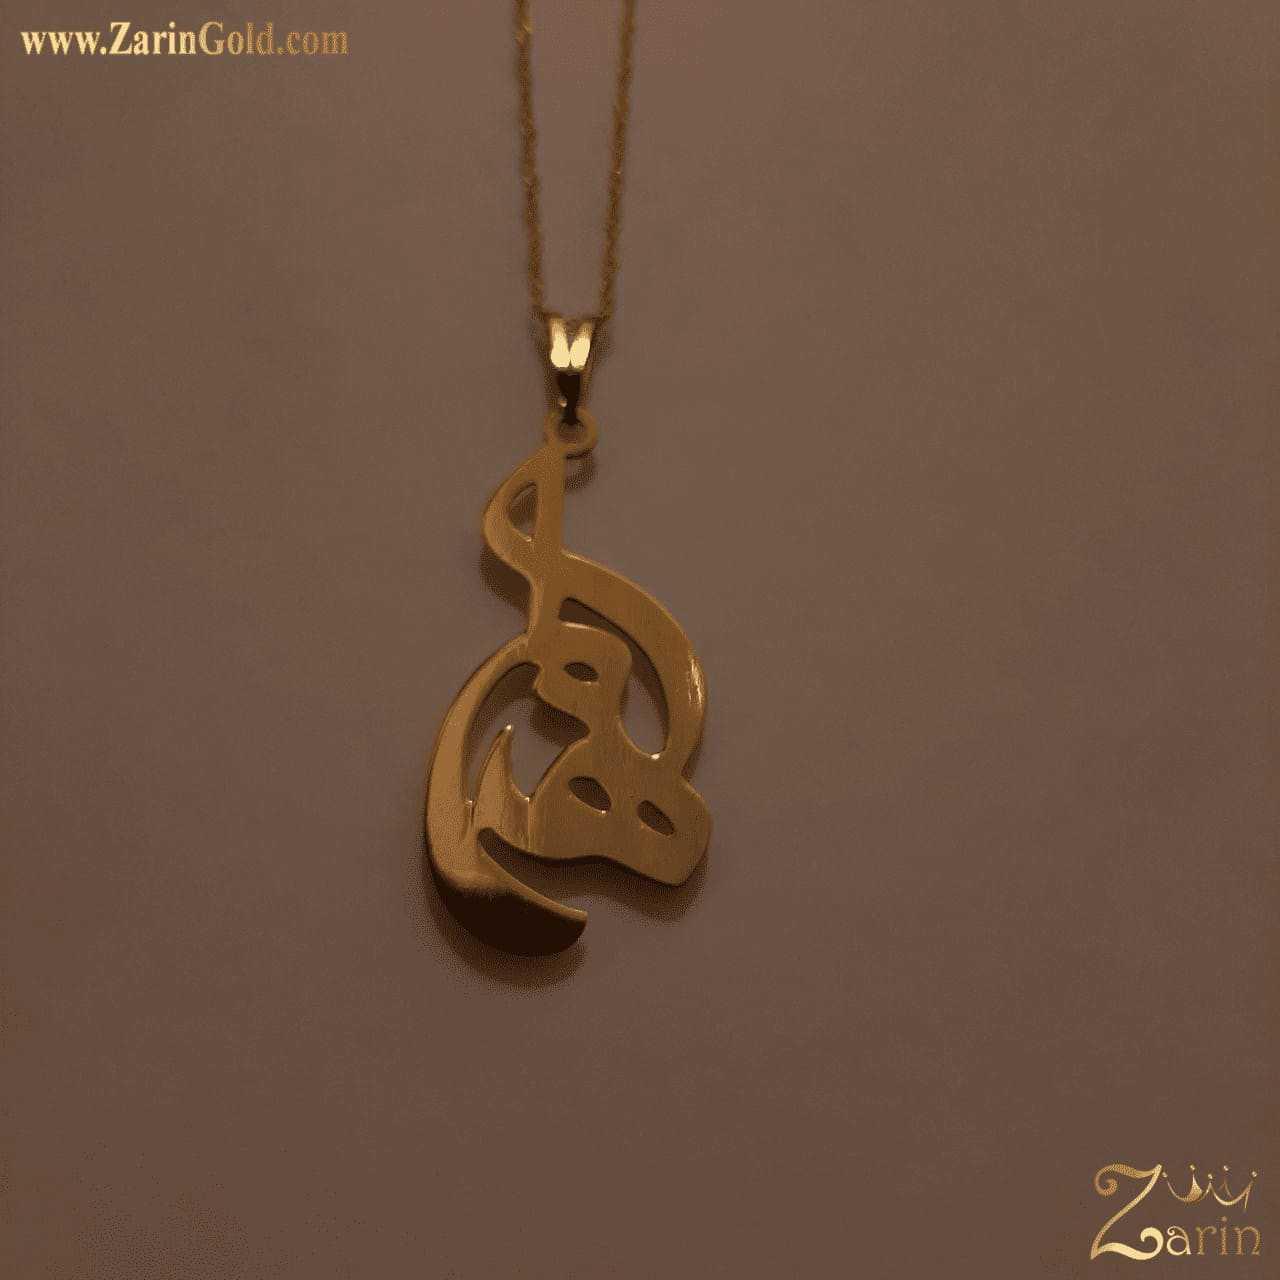 پلاک طلا فارسی اسم هما